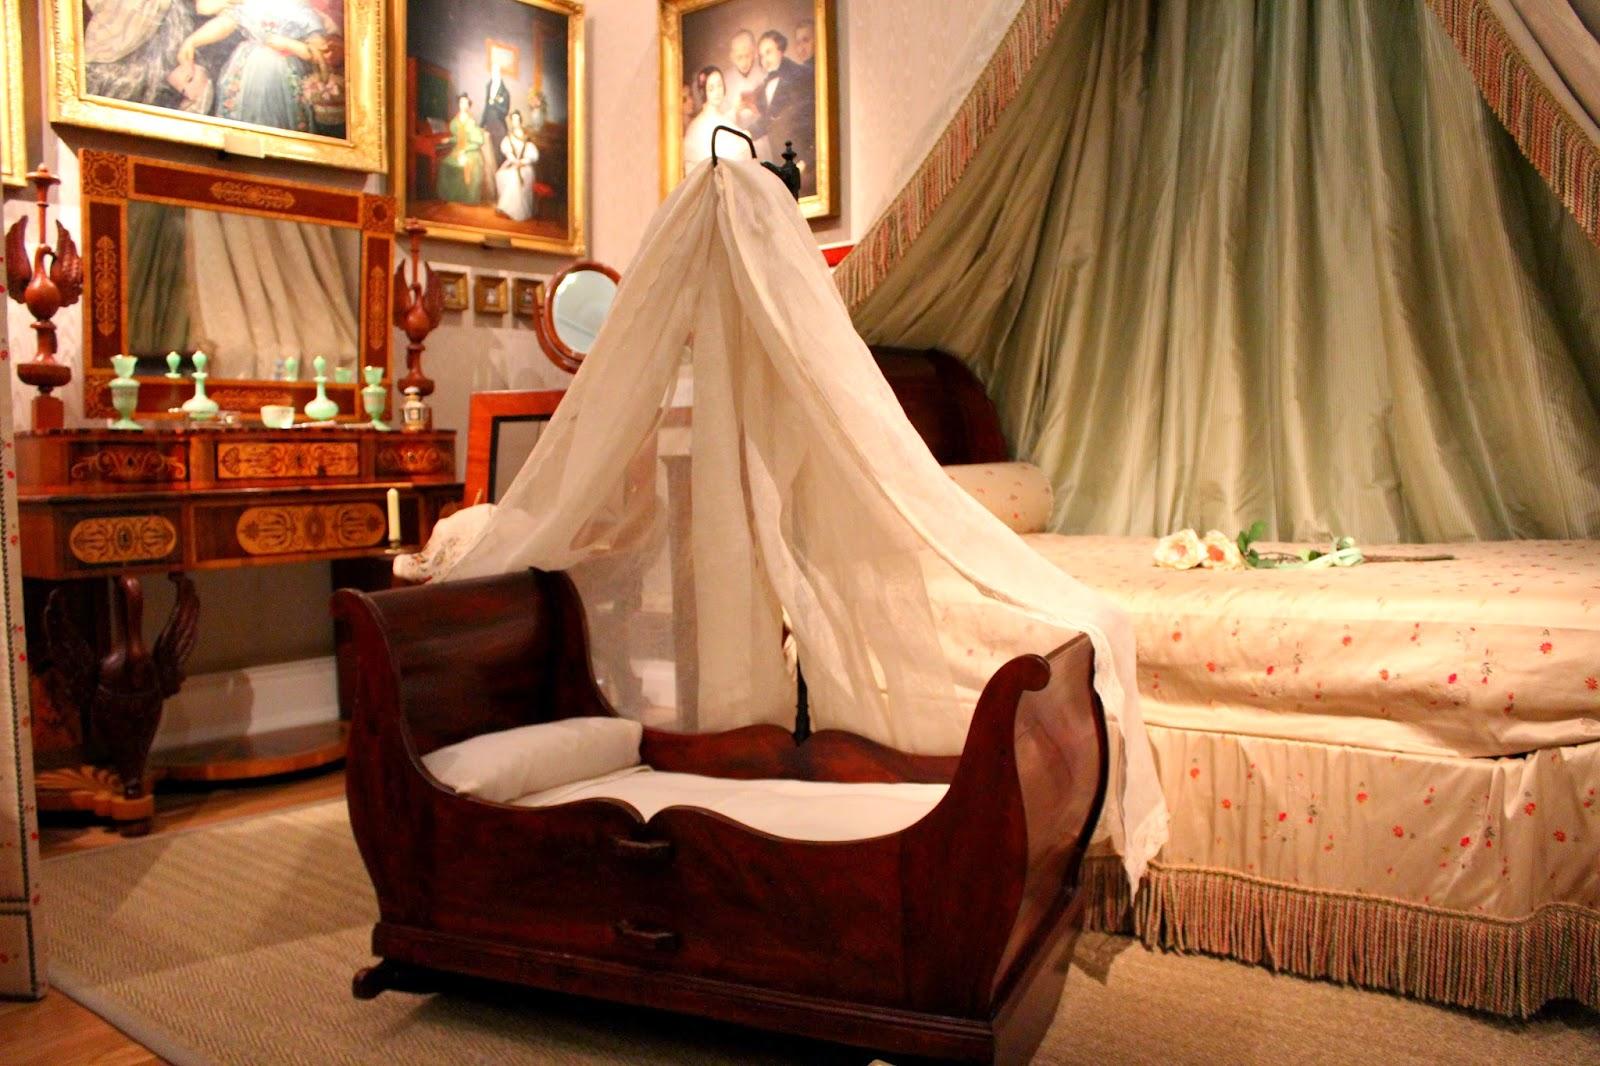 Salas del Museo del Romanticismo en Madrid